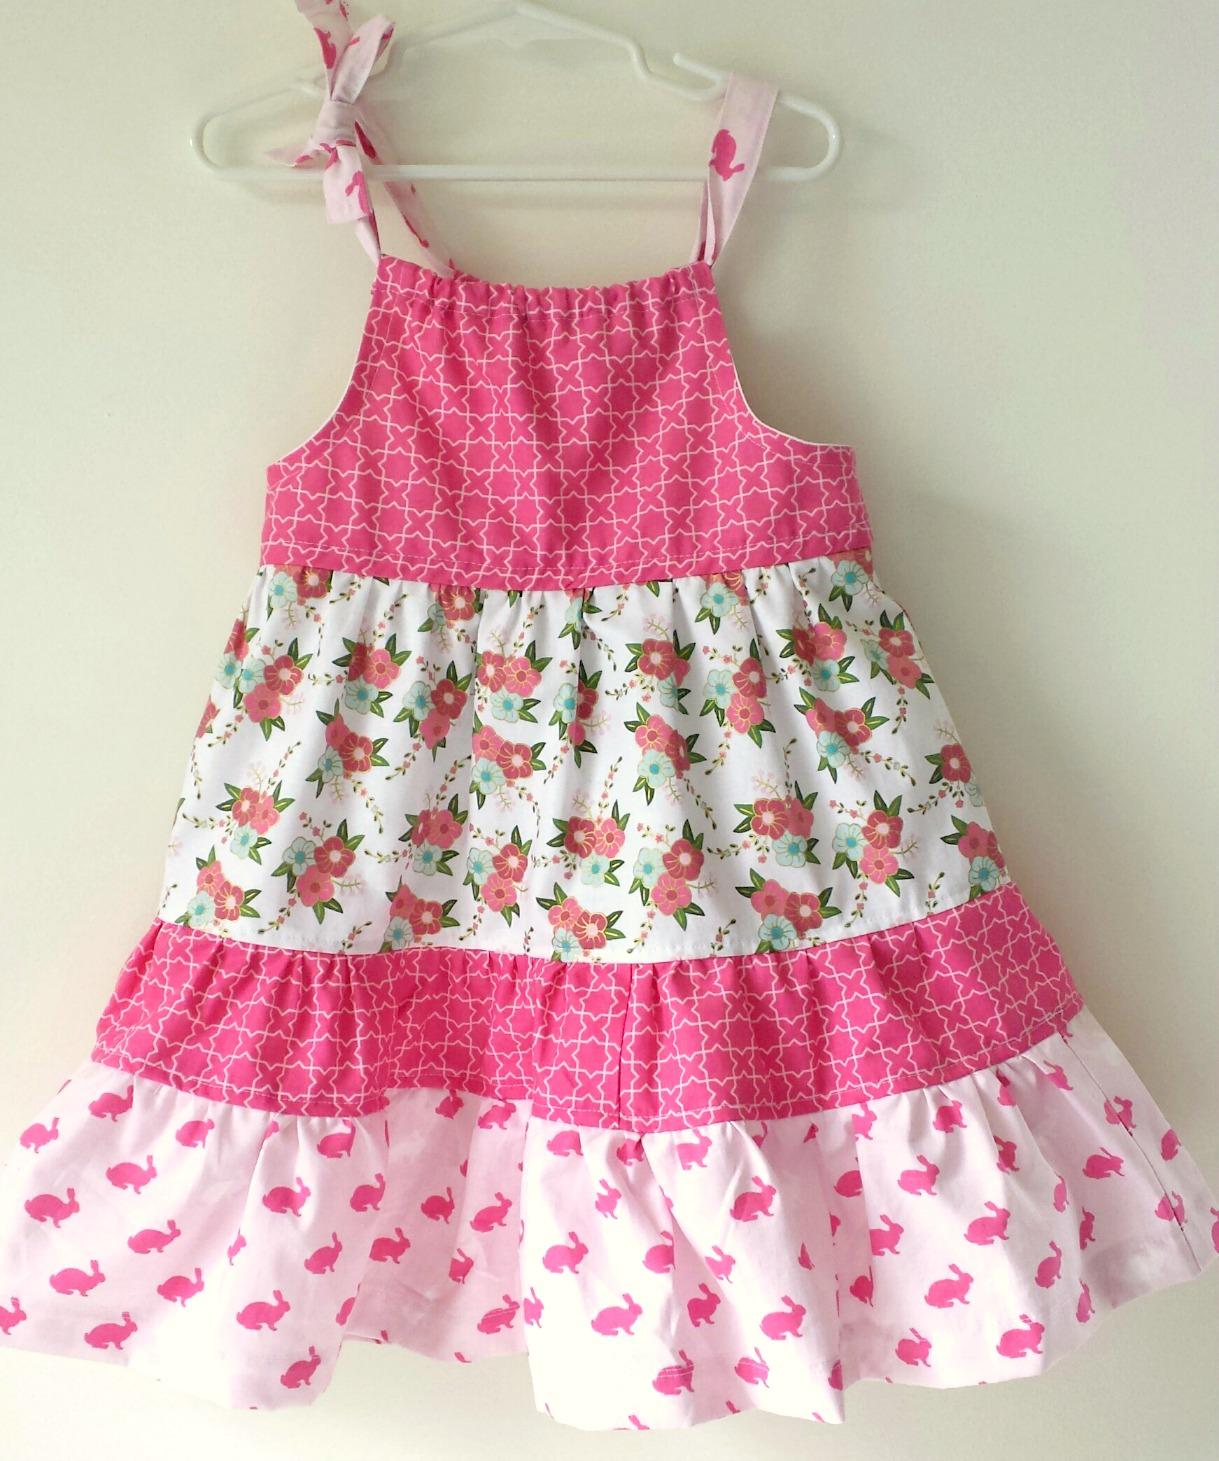 Ameroonie Designs: Wonderland Tiered Pillowcase Dress